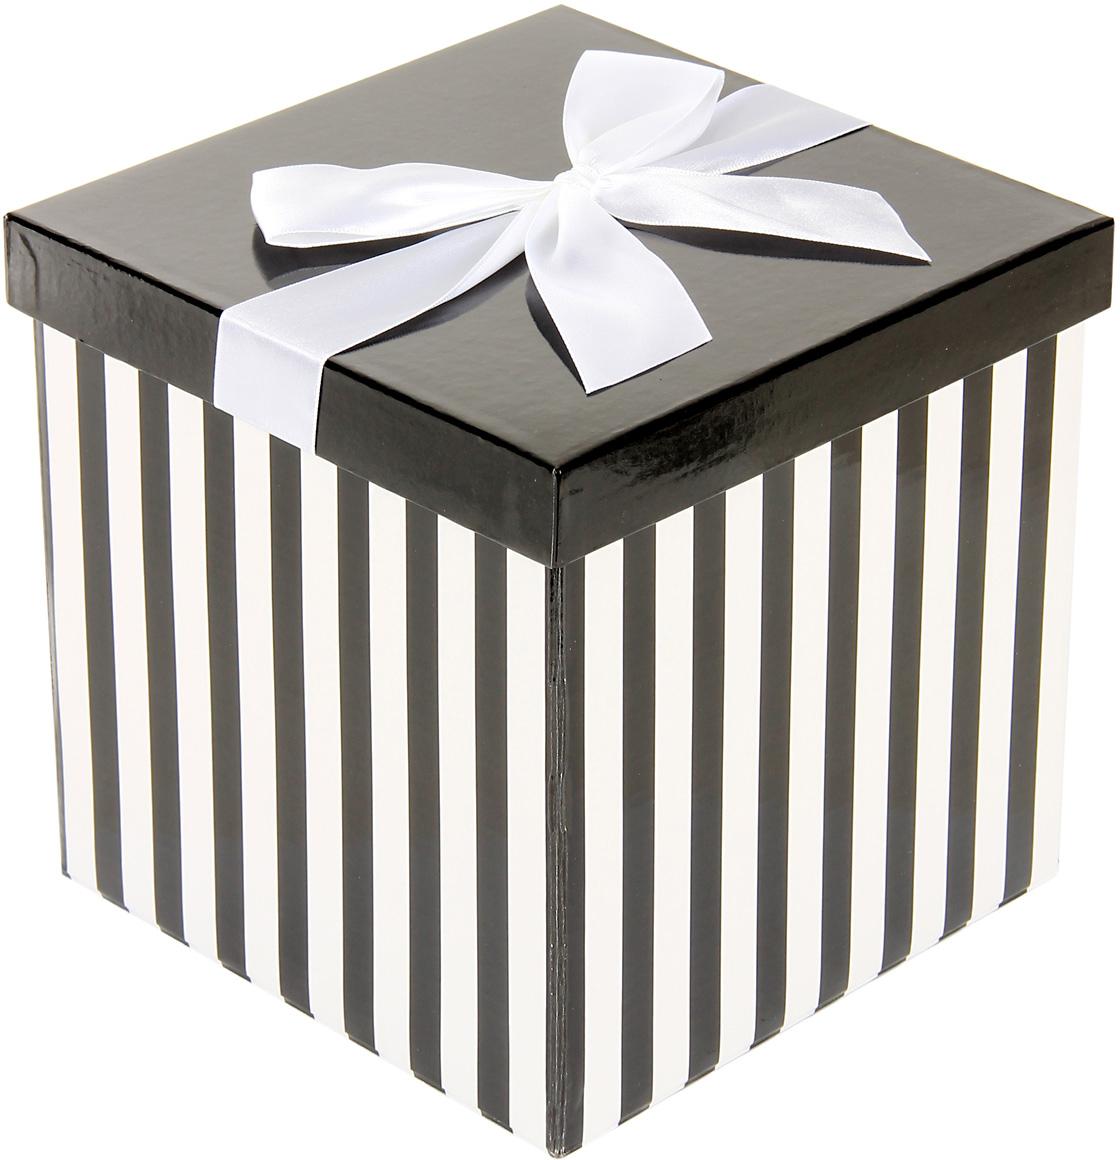 Коробка подарочная Veld-Co Giftbox. Трансформер. Черно-белая полоска, цвет: черный, 17,5 х 17,5 х 17 см коробка подарочная veld co giftbox трансформер солнечное настроение цвет оранжевый 10 3 х 10 3 х 9 8 см